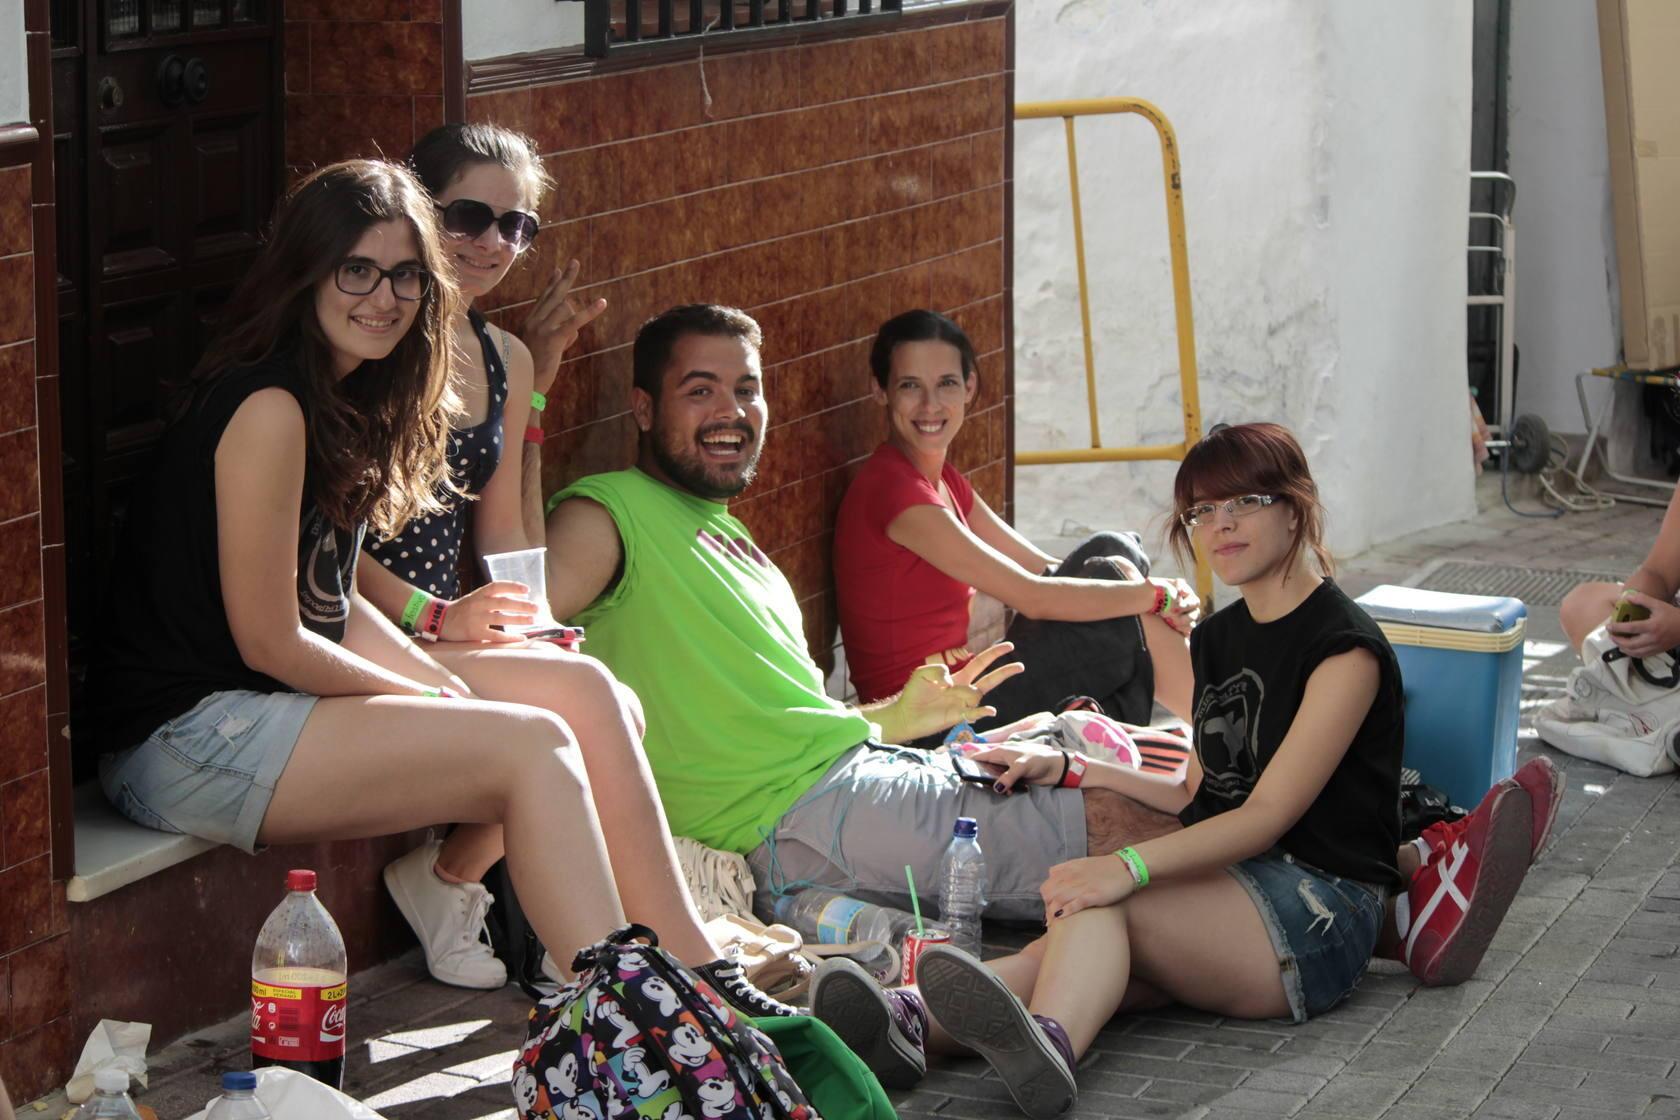 Fotos del Ojeando 2013, viernes 6 de julio